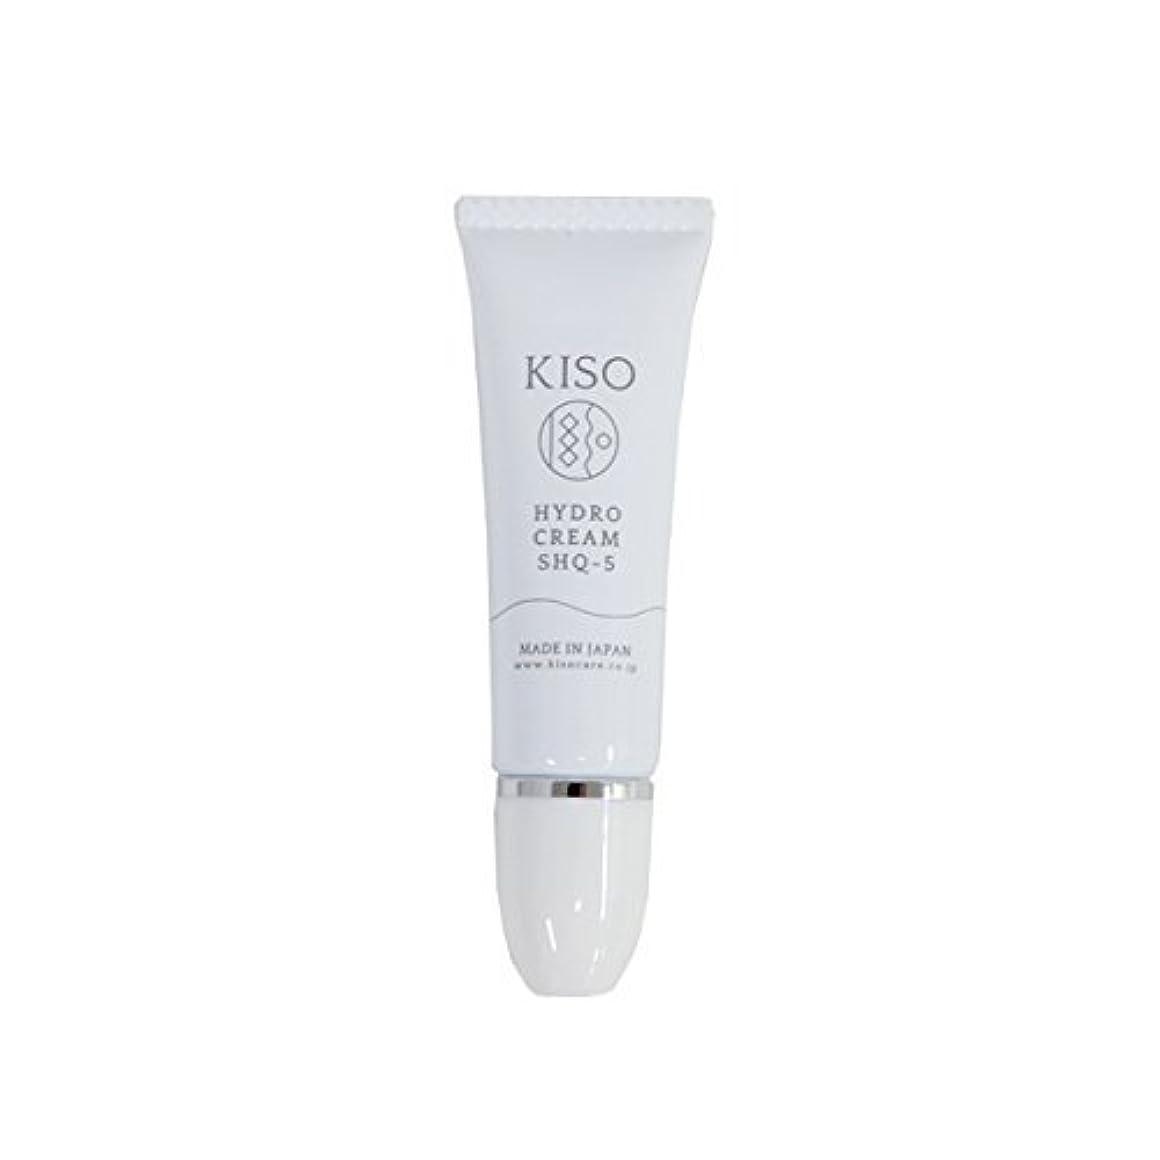 ナインへトレース平方KISO 安定型 ハイドロキノン 5%配合【ハイドロ クリーム SHQ-5 10g】スキンケアで肌を整えた後にちょこっとケア 日本製